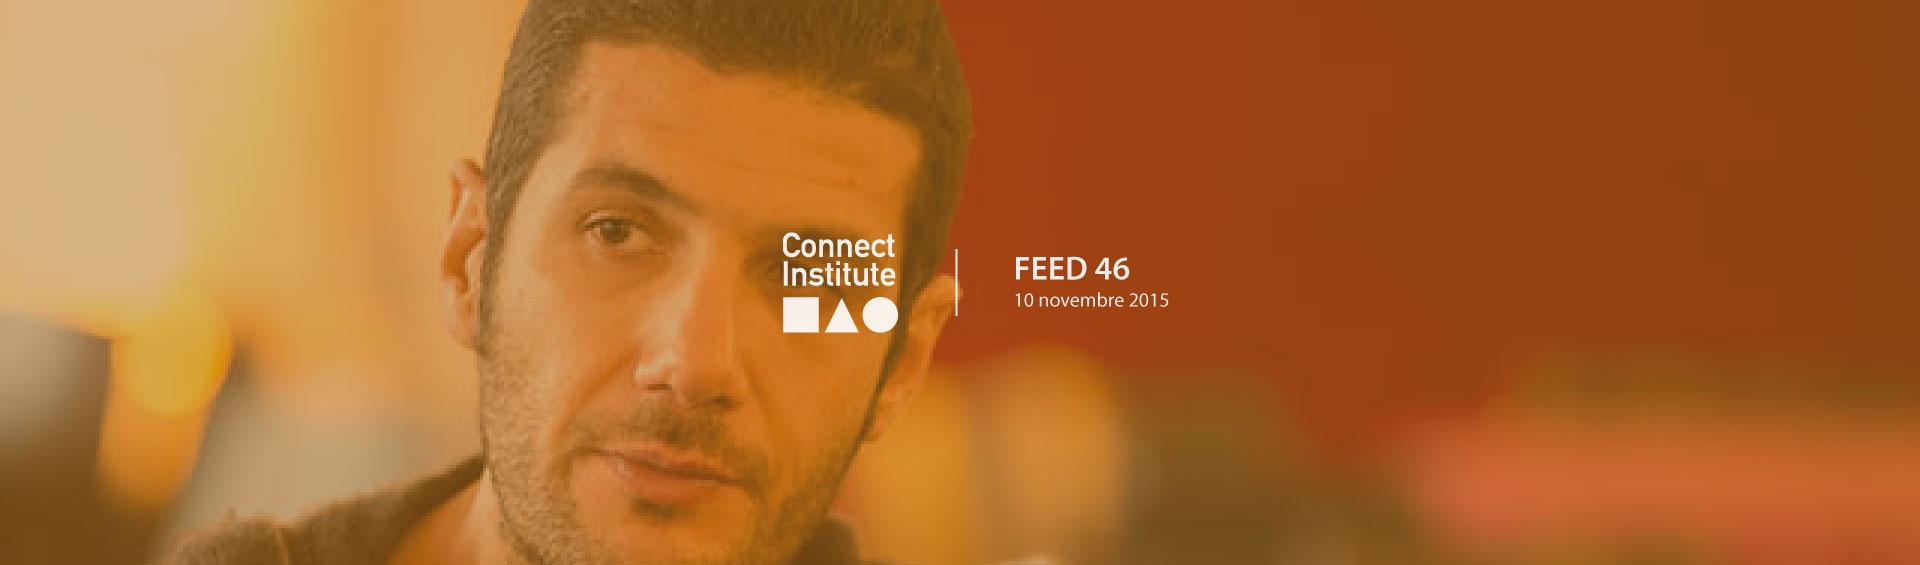 FEED 46